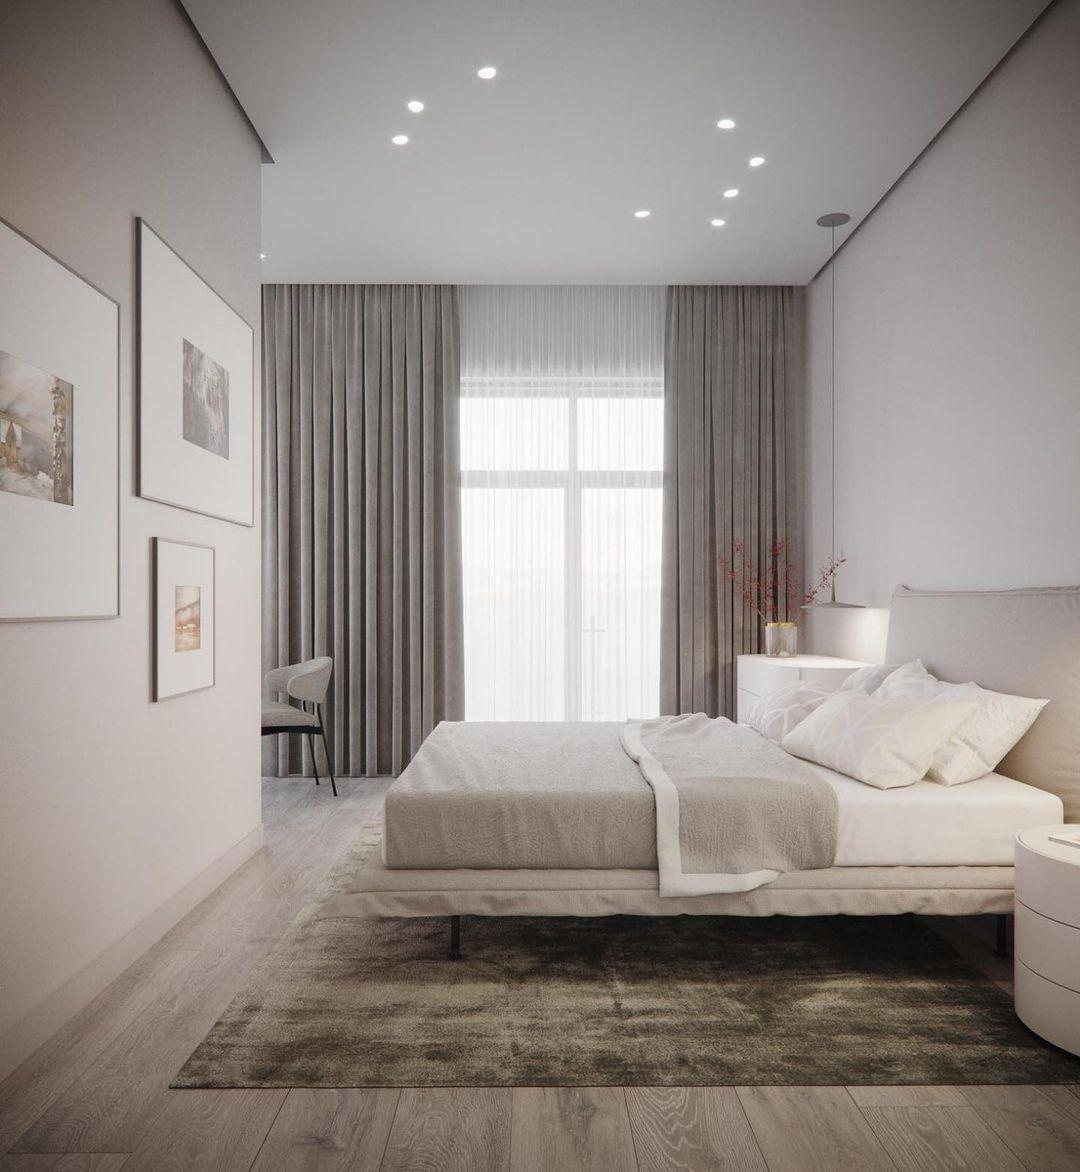 Спальня в стиле минимализм [160+ фото] с идеями оригинальных интерьеров